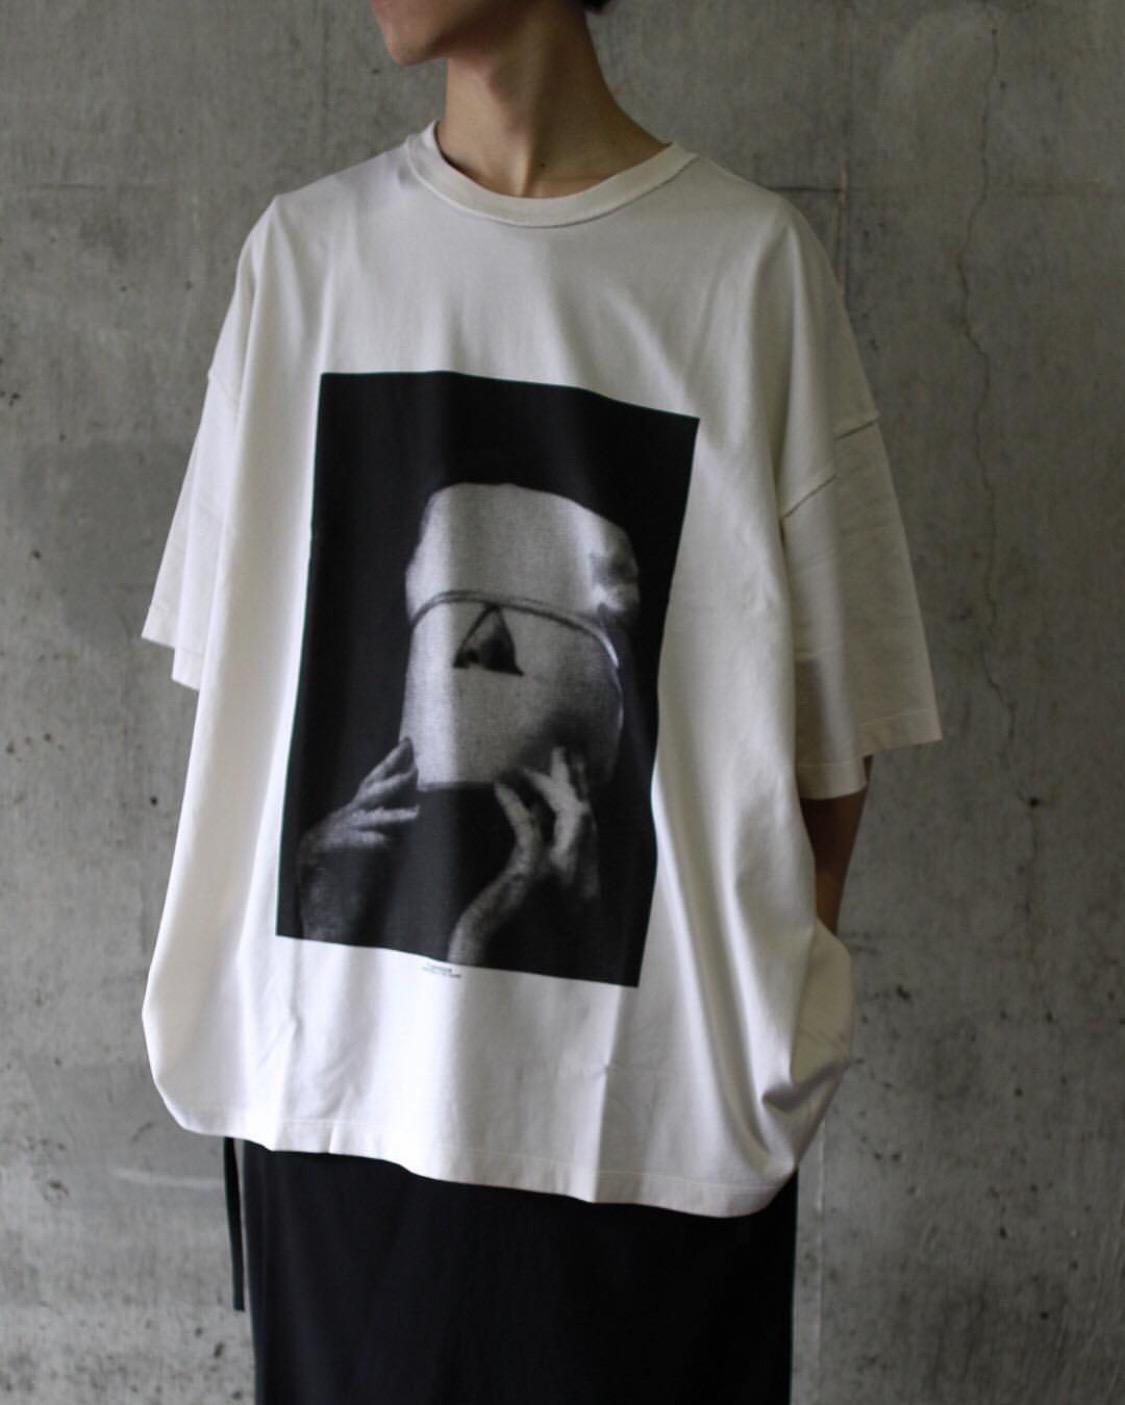 \ Горячий продавать Люк Человек в маске печати тройник короткими рукавами футболки порочного Мужчины Женщины Лето Повседневный пара Street скейтборд футболки